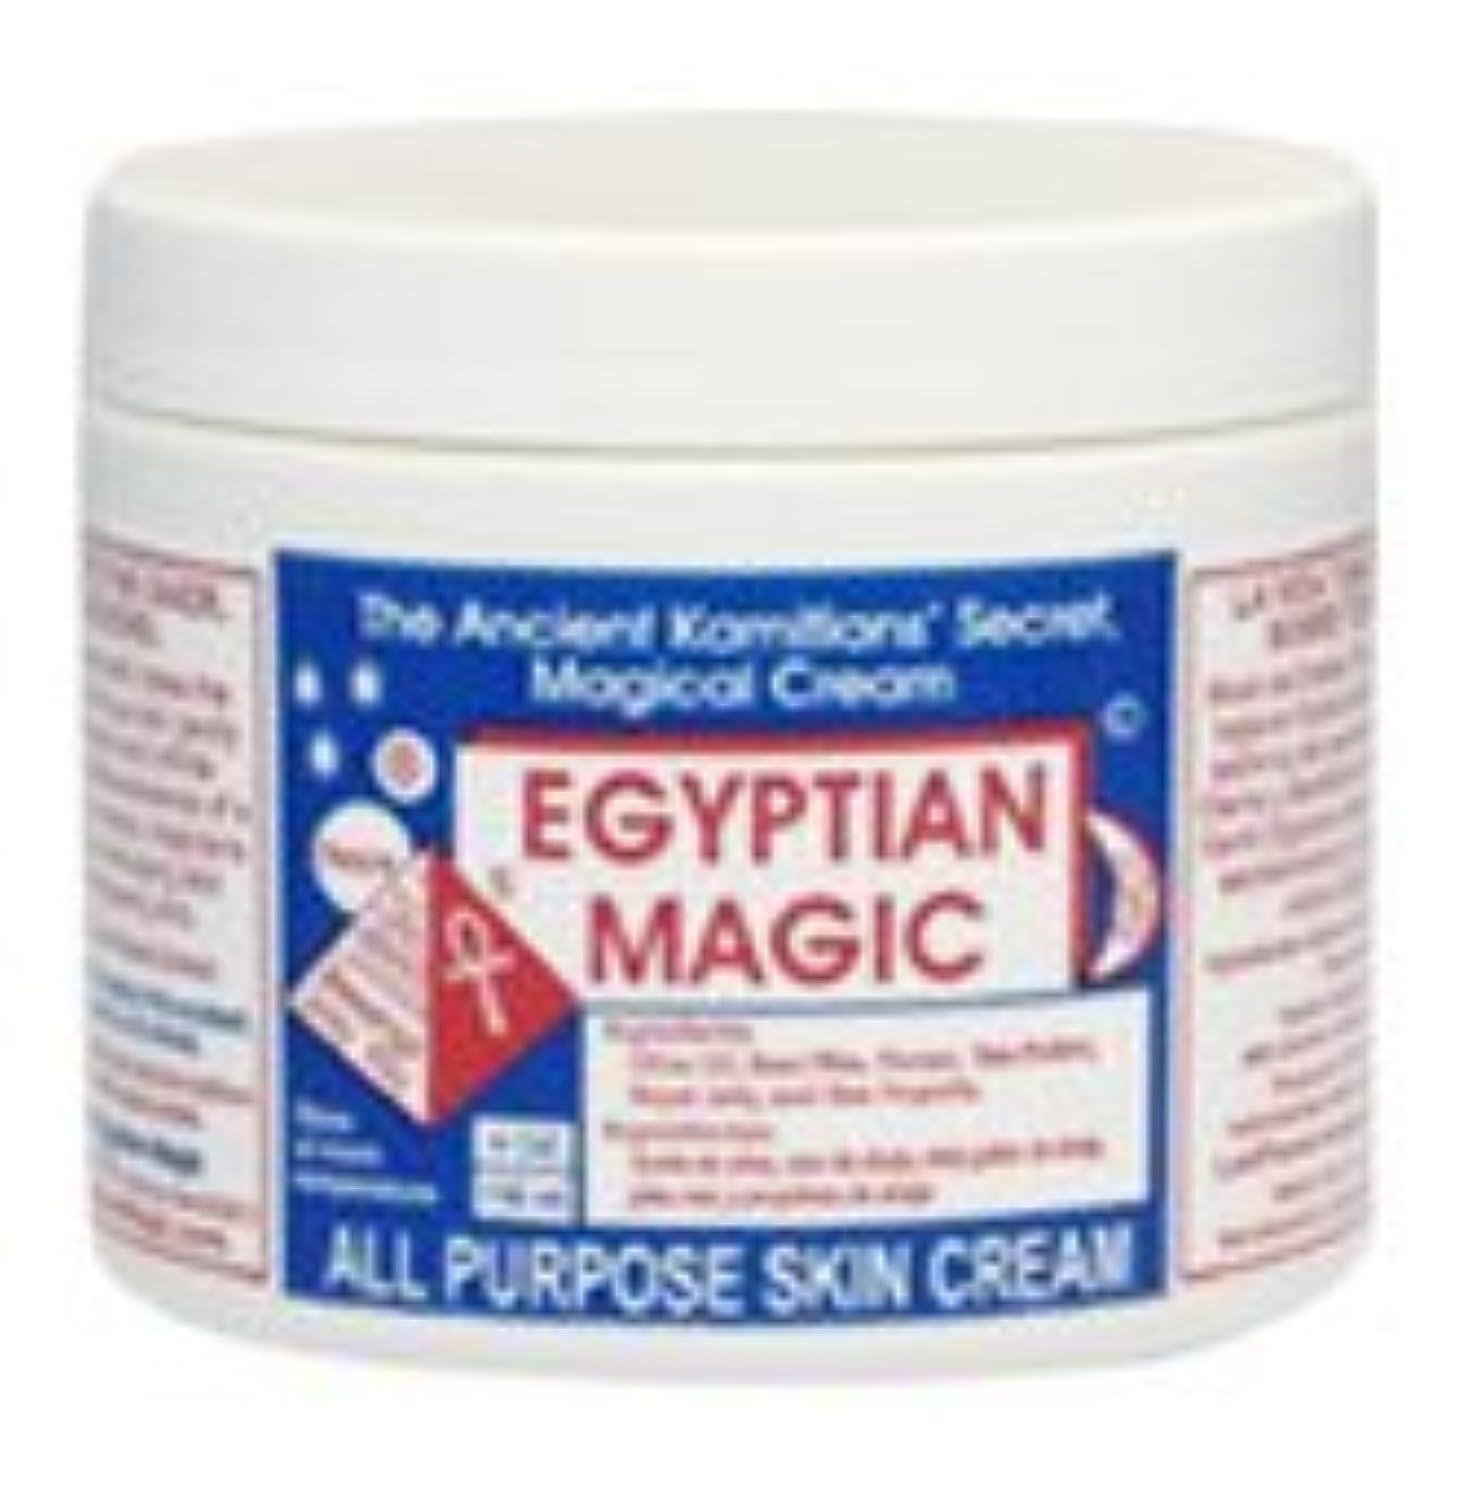 実り多いバルコニー承知しました【EGYPTIAN Magic(エジプシャン マジック)】 EGYPTIAN MAGIC CREAM マジック クリーム 118ml